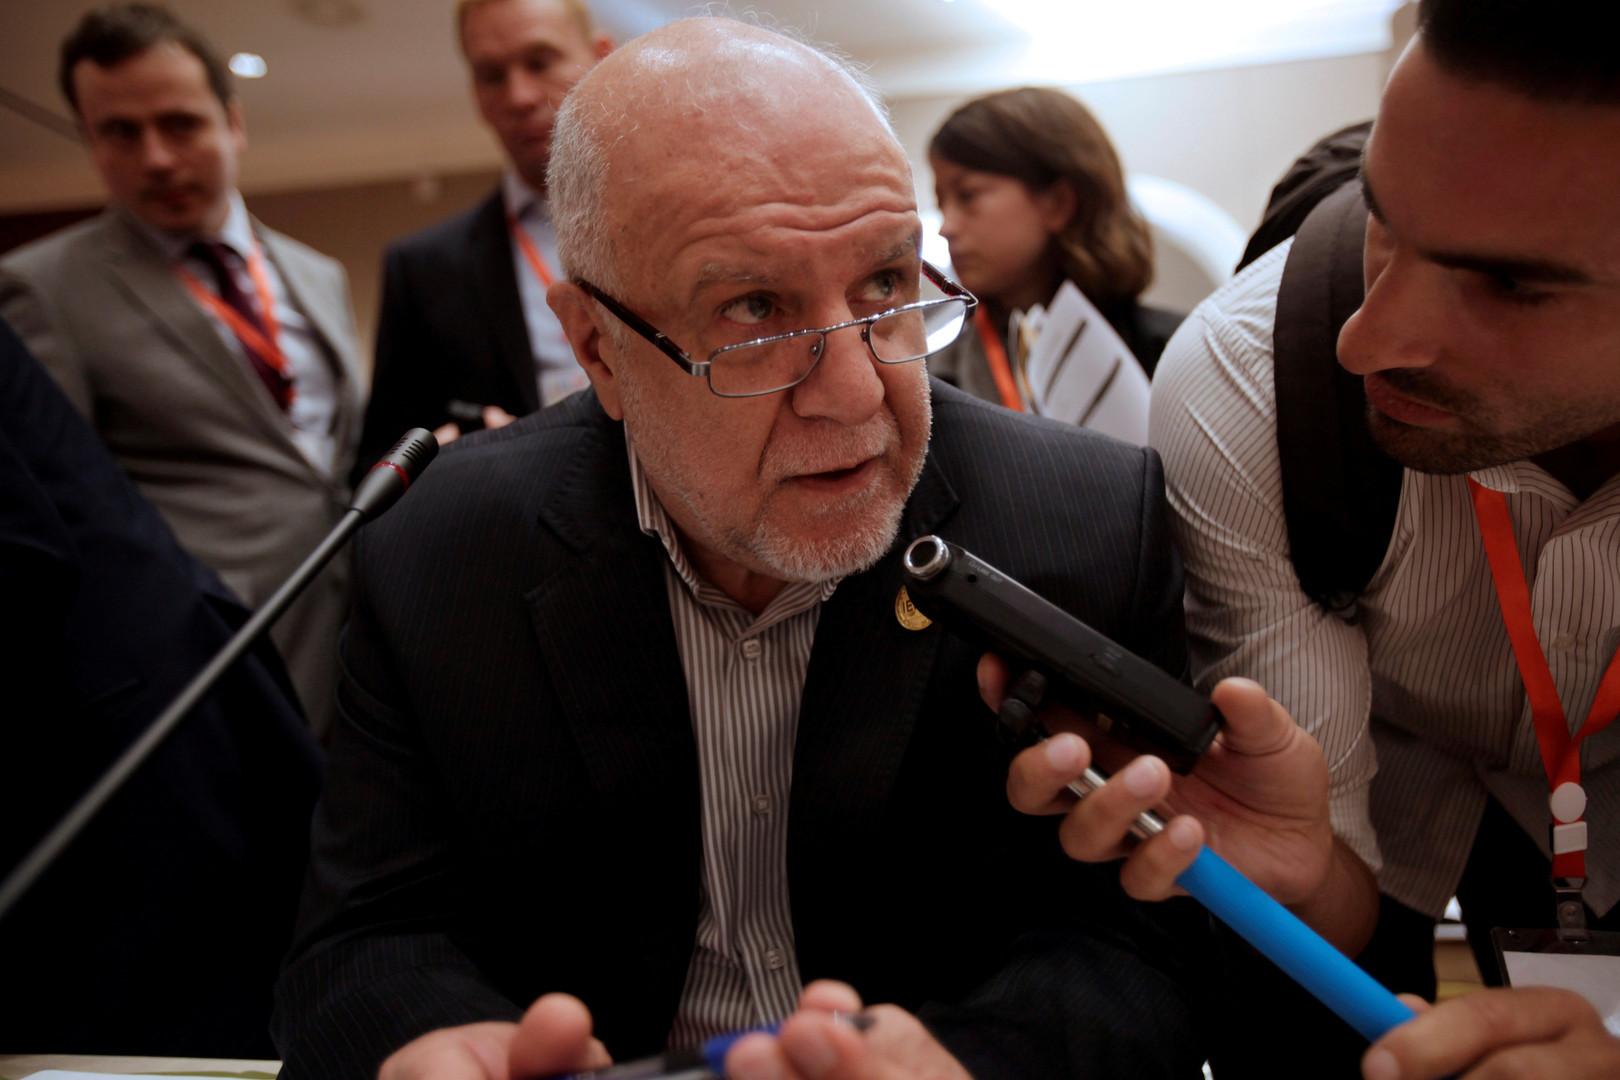 وزير النفط الإيراني يتهم دول الجوار بخلق خلل في أسواق النفط